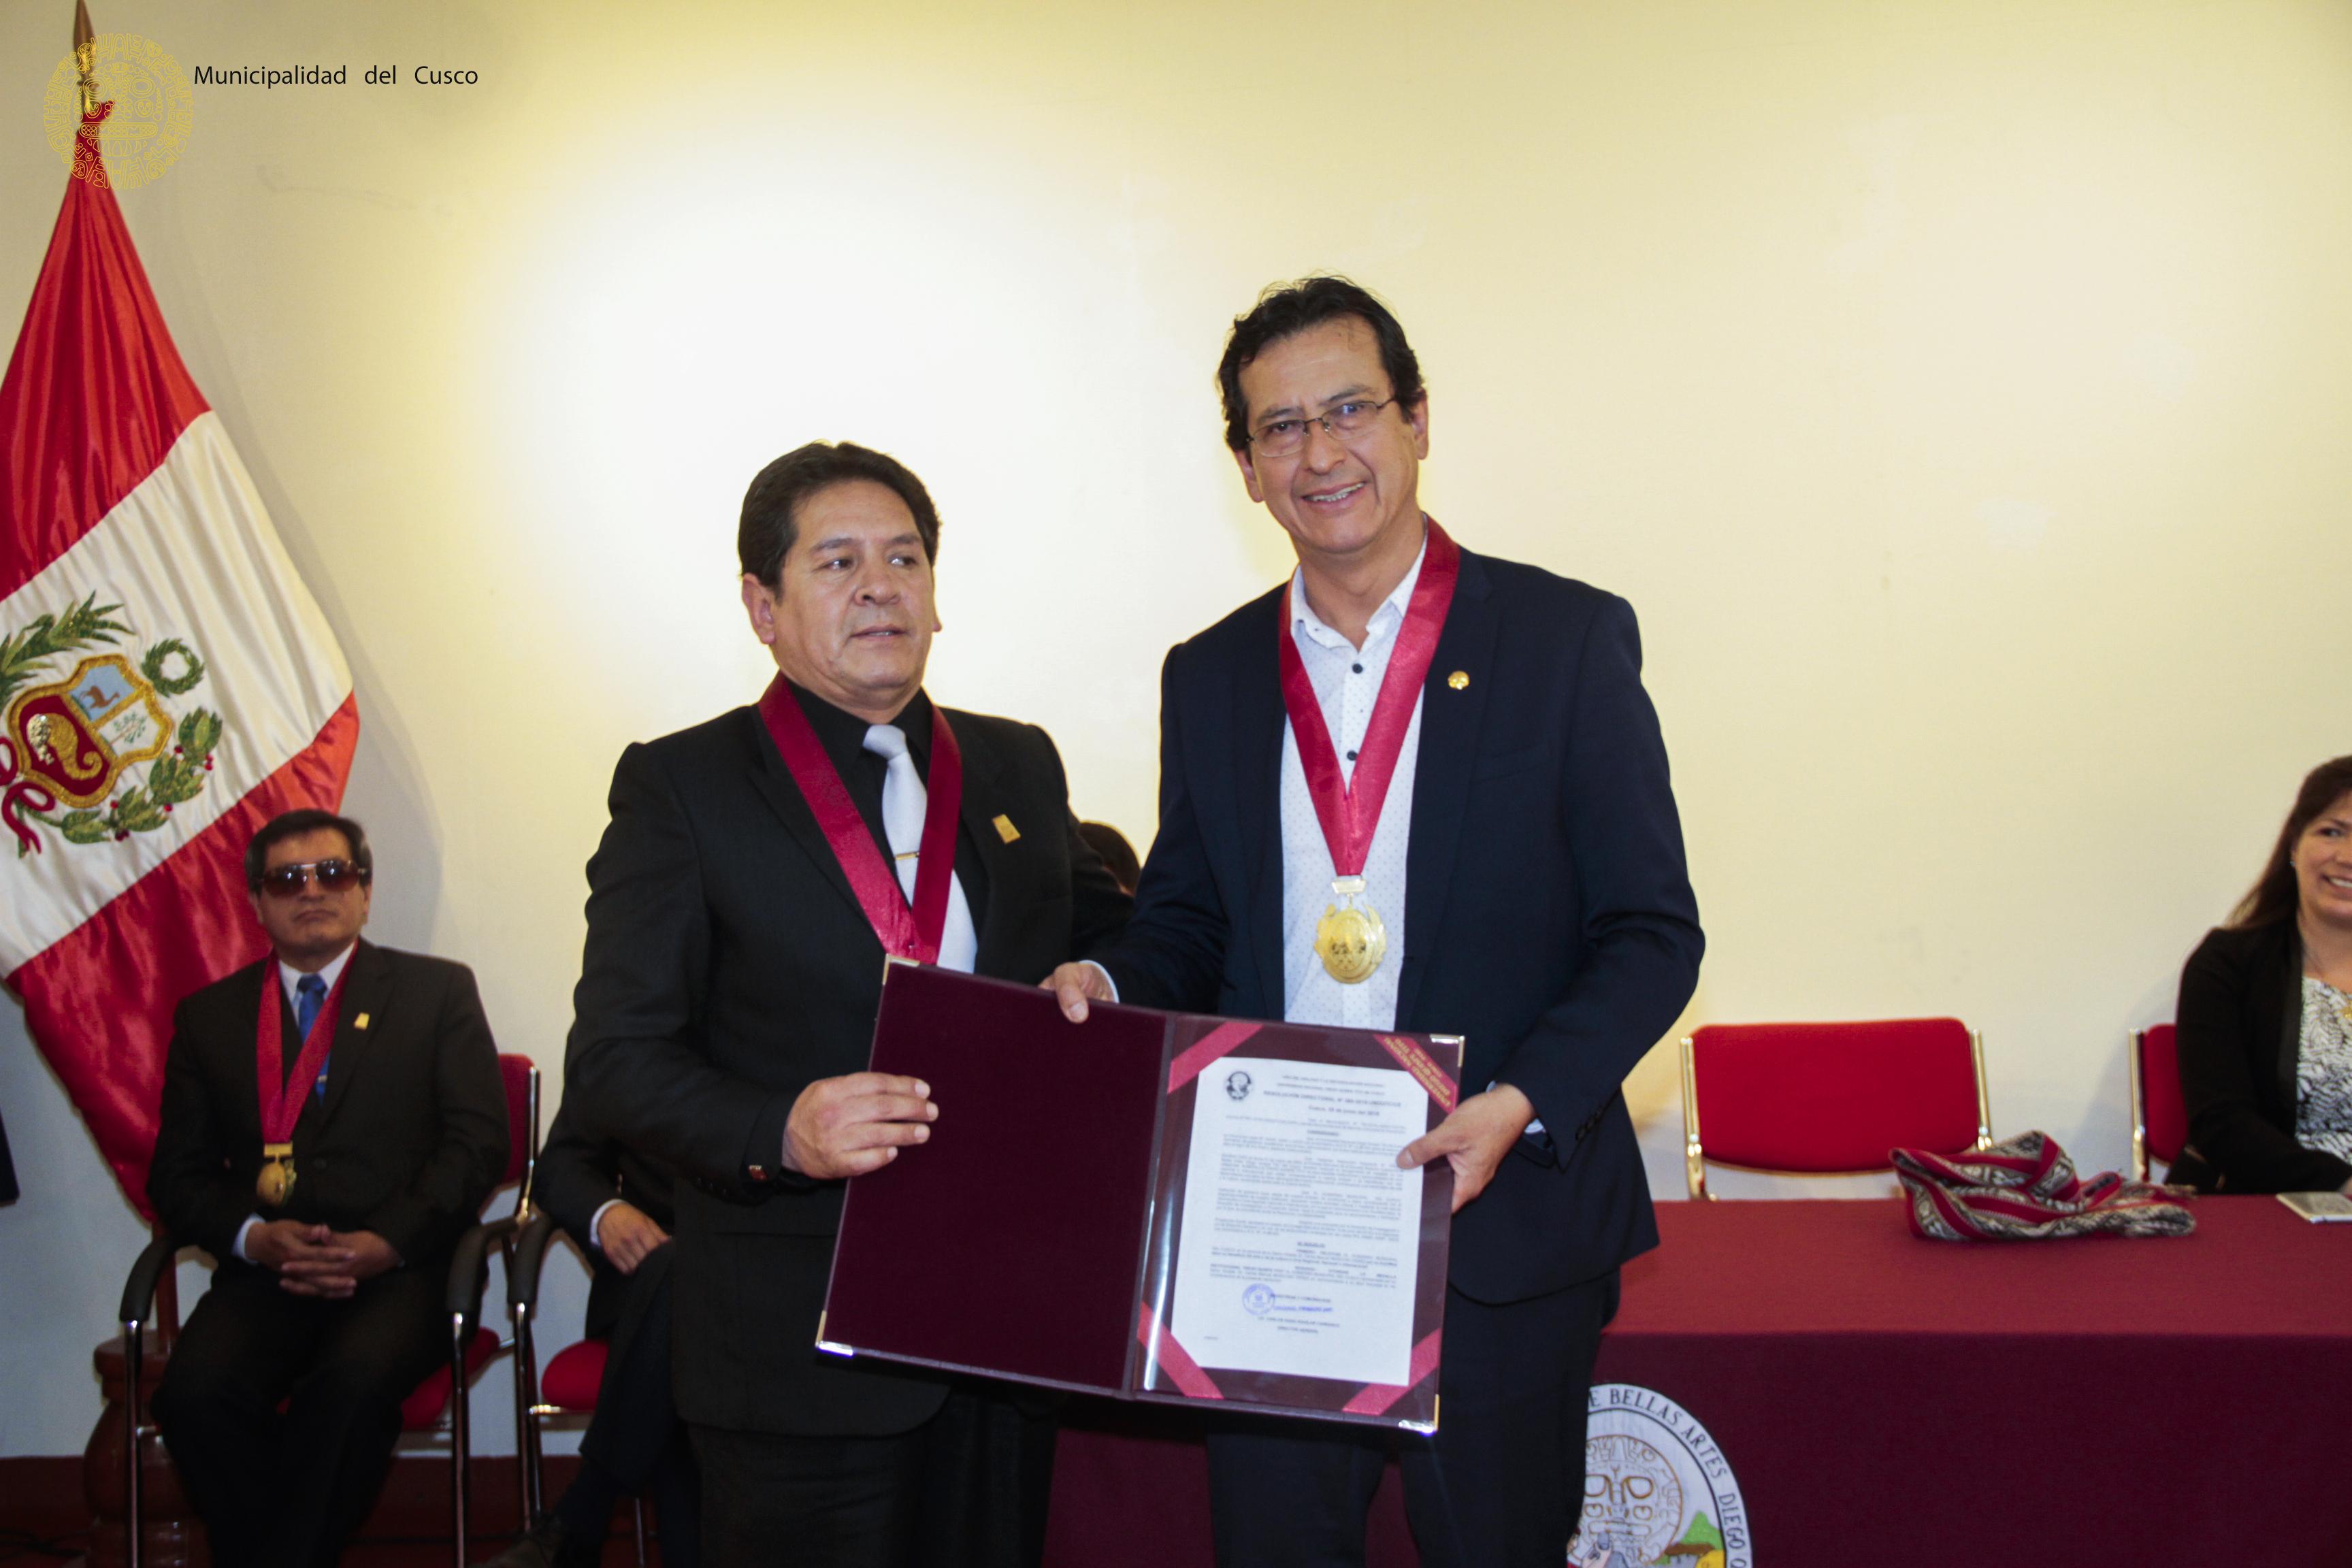 UNIVERSIDAD  DIEGO QUISPE  TITO CONDECORA AL ALCALDE DEL CUSCO POR SU APOYO CONSTANTE  A ESTA CASA DE ESTUDIOS.